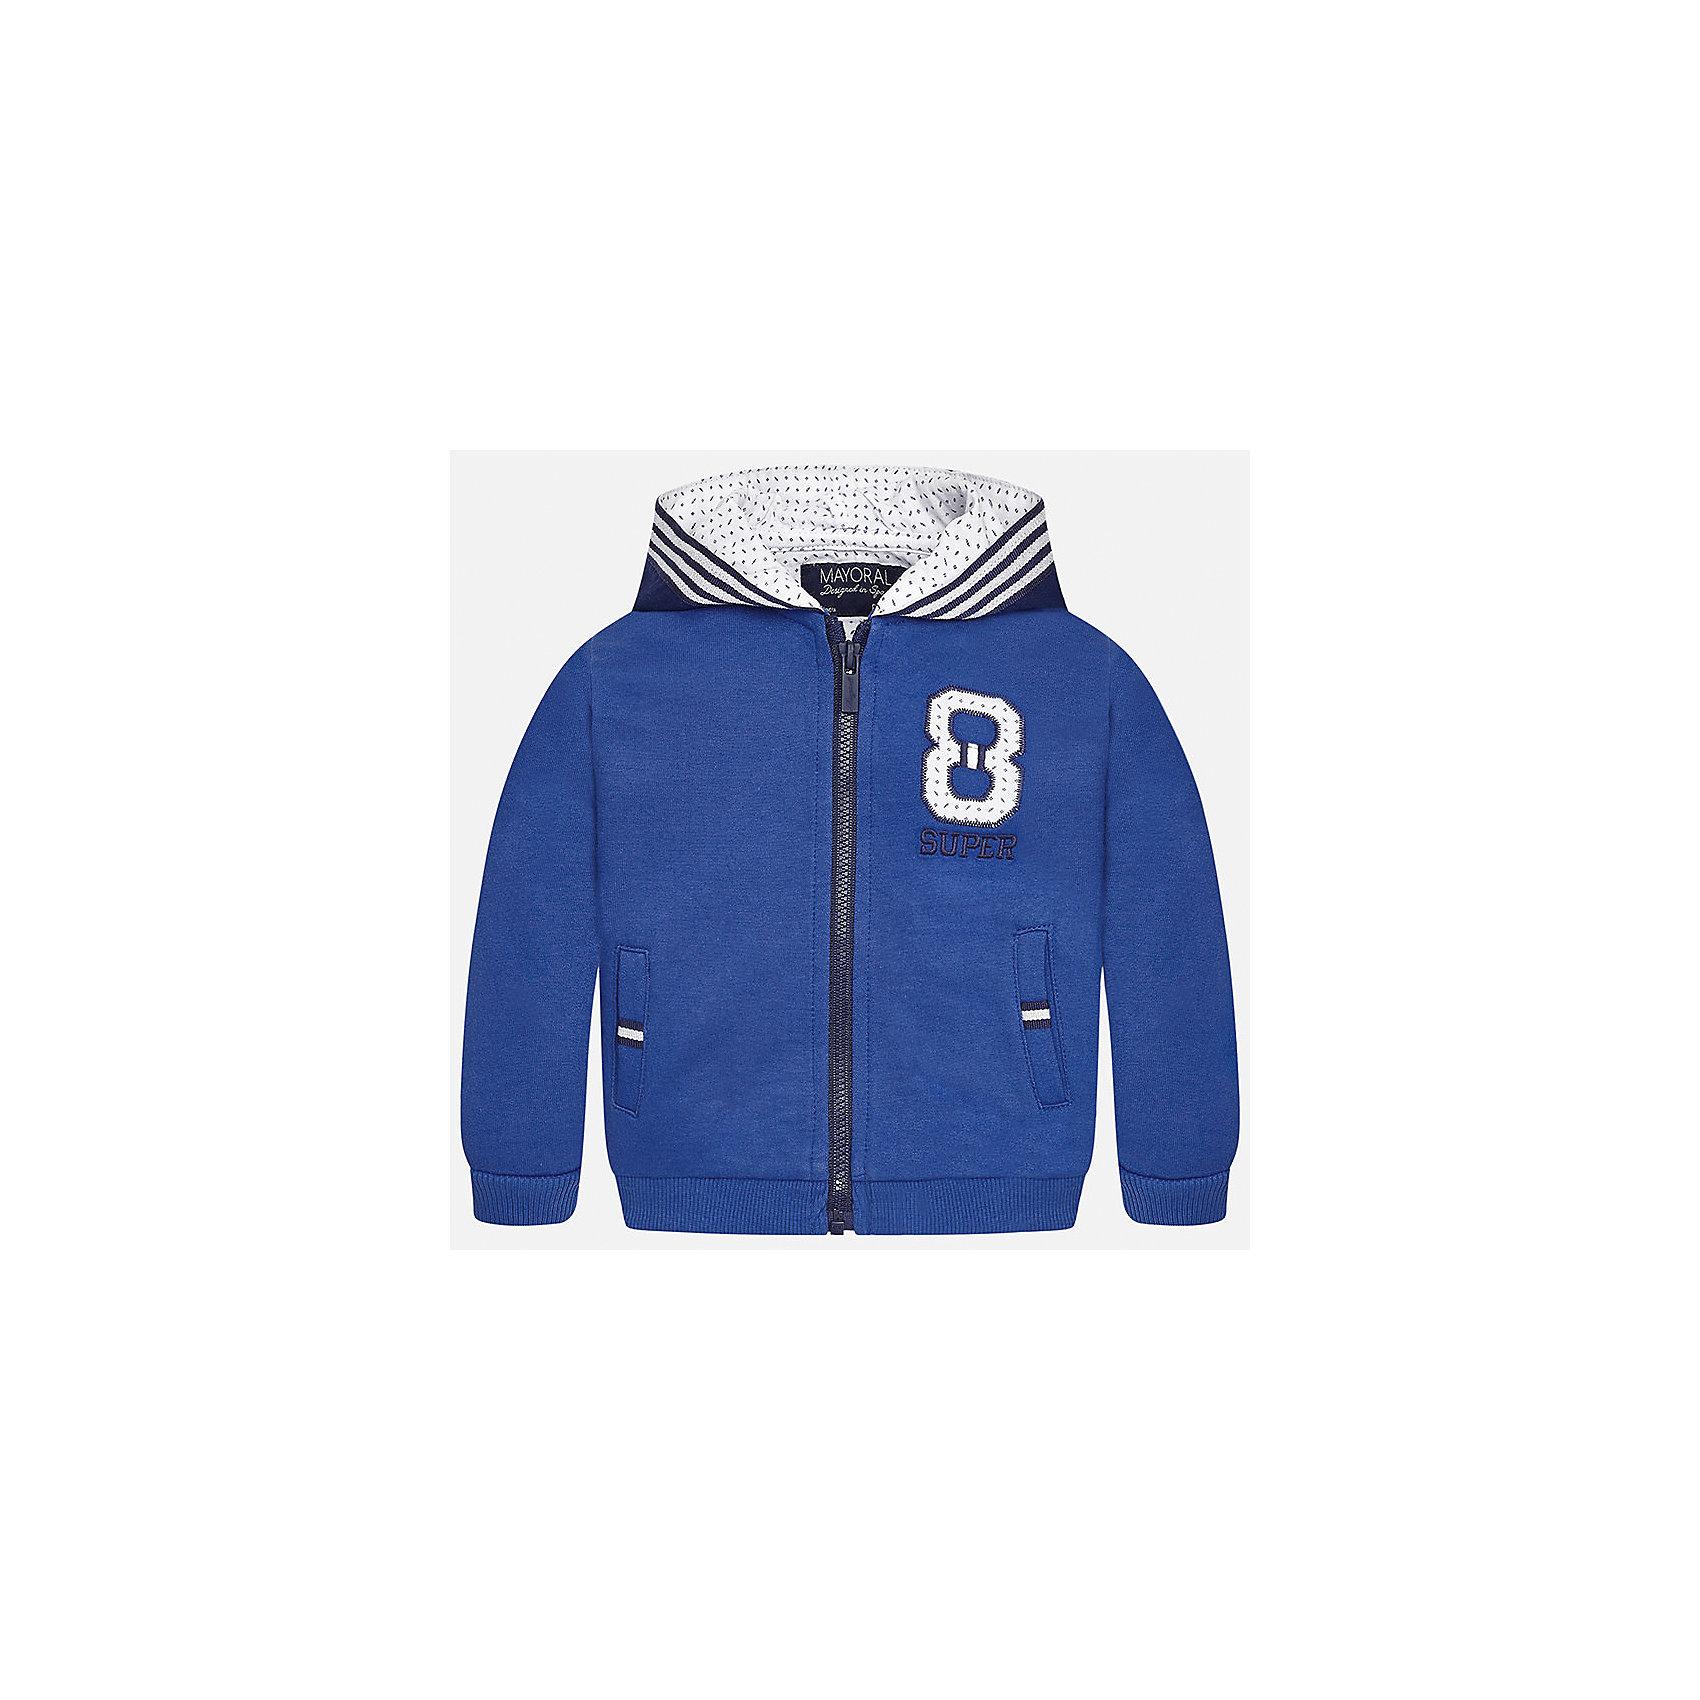 Толстовка для мальчика MayoralХарактеристики товара:<br><br>• цвет: синий<br>• состав: 100% хлопок<br>• рукава длинные <br>• карманы<br>• молния<br>• капюшон<br>• страна бренда: Испания<br><br>Удобная модная куртка для мальчика поможет разнообразить гардероб ребенка и обеспечить тепло. Она отлично сочетается и с джинсами, и с брюками. Универсальный цвет позволяет подобрать к вещи низ различных расцветок. Интересная отделка модели делает её нарядной и оригинальной. В составе материала - только натуральный хлопок, гипоаллергенный, приятный на ощупь, дышащий.<br><br>Одежда, обувь и аксессуары от испанского бренда Mayoral полюбились детям и взрослым по всему миру. Модели этой марки - стильные и удобные. Для их производства используются только безопасные, качественные материалы и фурнитура. Порадуйте ребенка модными и красивыми вещами от Mayoral! <br><br>Куртку для мальчика от испанского бренда Mayoral (Майорал) можно купить в нашем интернет-магазине.<br><br>Ширина мм: 356<br>Глубина мм: 10<br>Высота мм: 245<br>Вес г: 519<br>Цвет: голубой<br>Возраст от месяцев: 12<br>Возраст до месяцев: 15<br>Пол: Мужской<br>Возраст: Детский<br>Размер: 80,86,92<br>SKU: 5279584